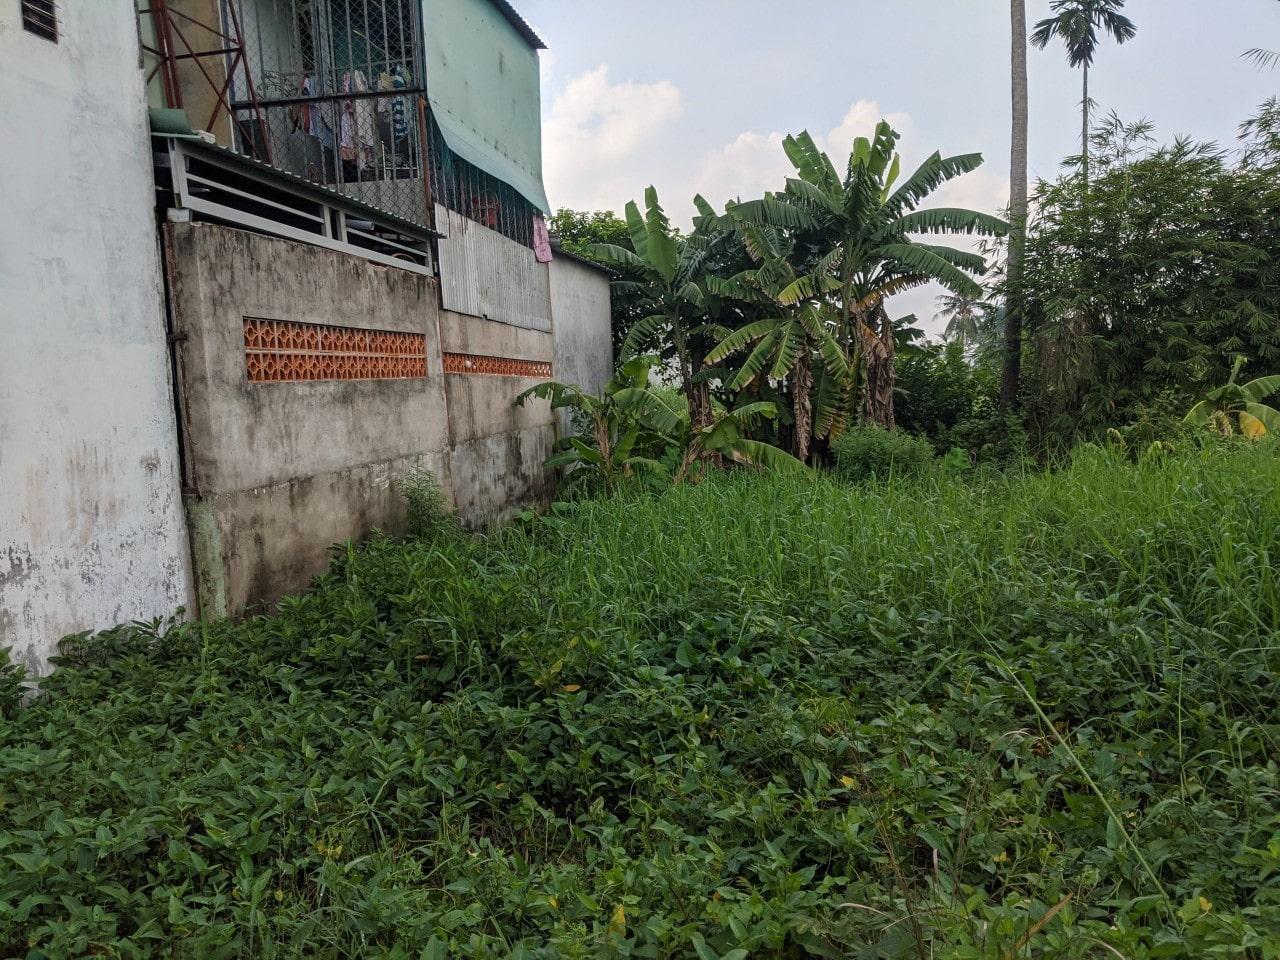 Bán đất nông ngiệp Thạnh Xuân 25 Quận 12, DT 5x16m, giá 1.49 tỷ